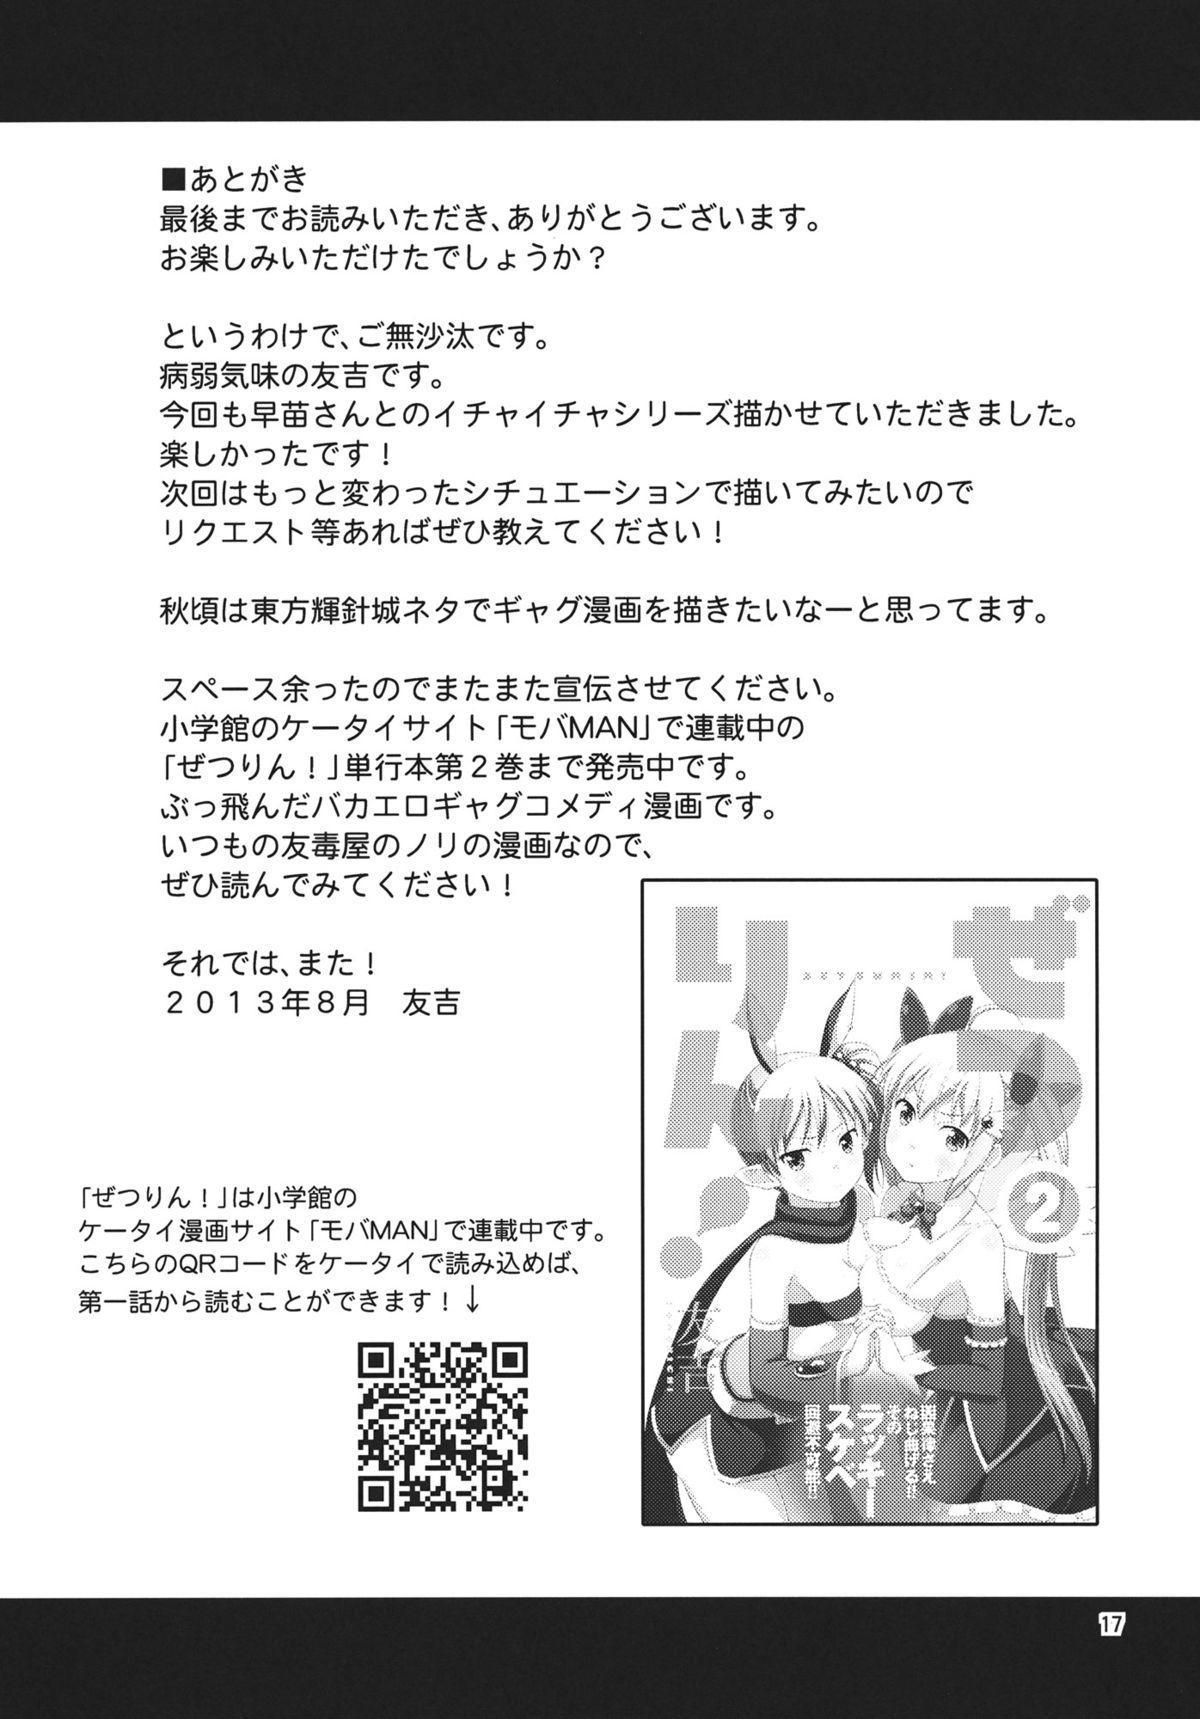 Sanae-san to Meccha Ichaicha Shitai! 15